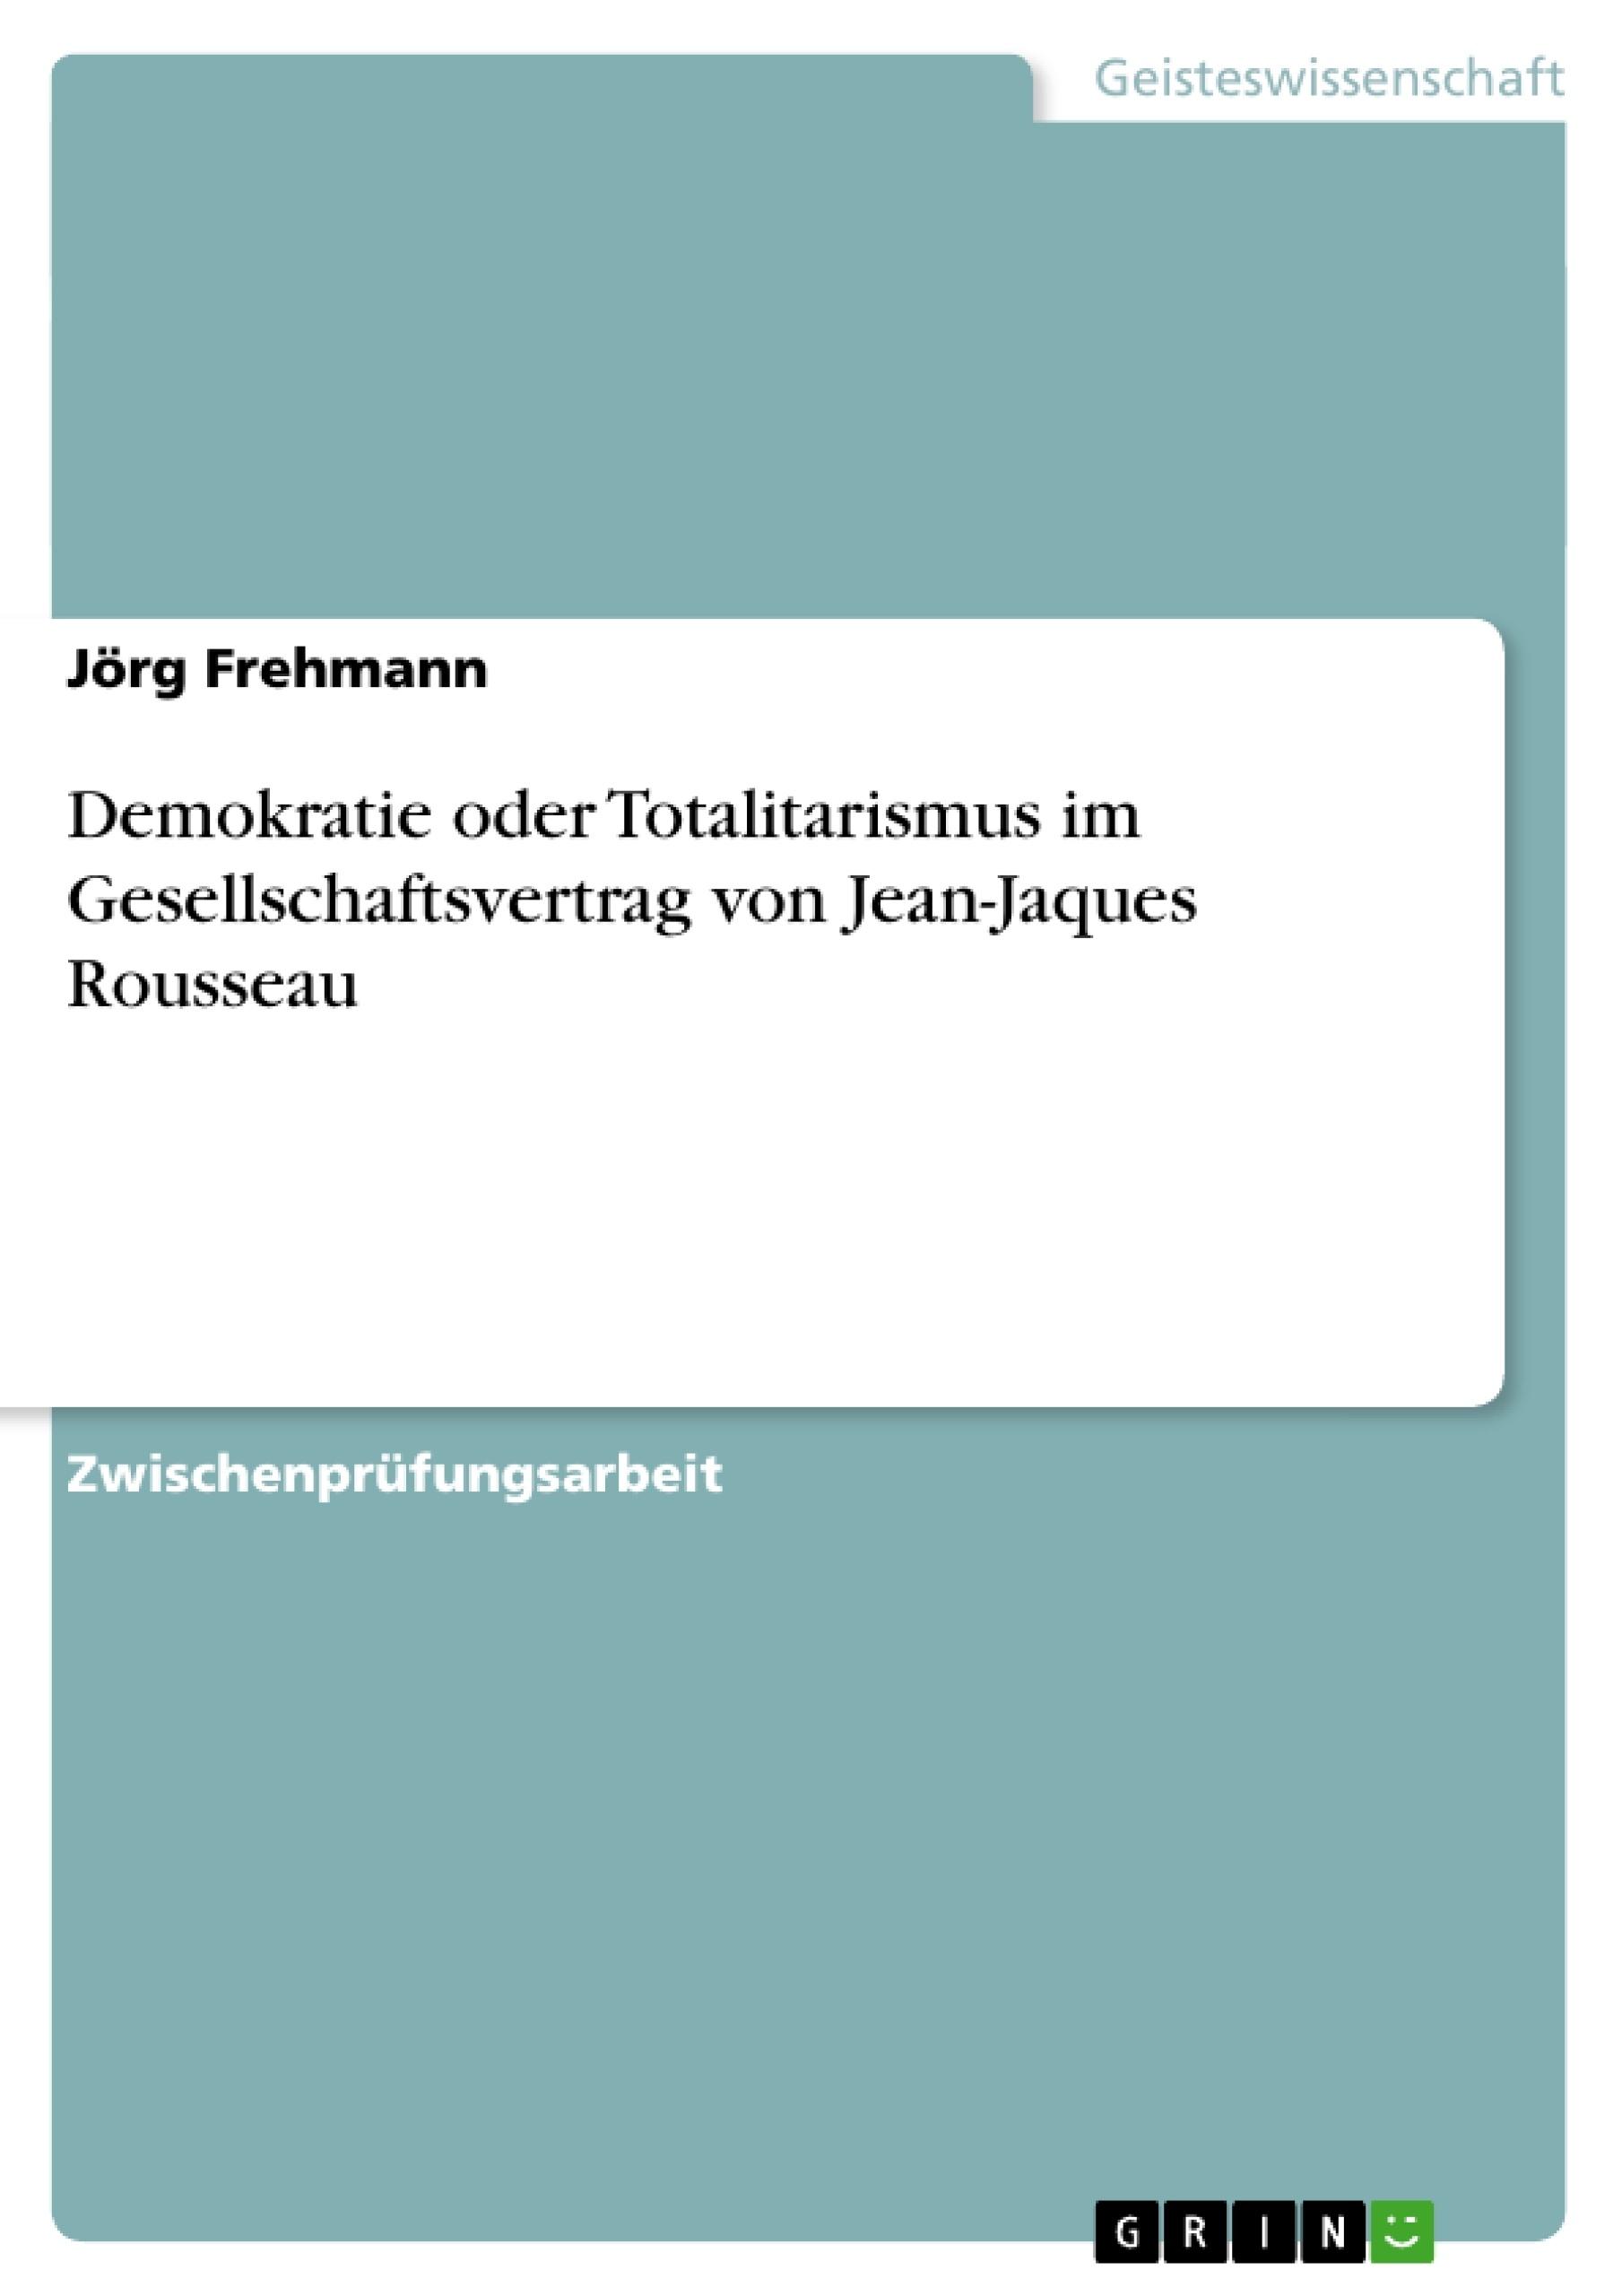 Titel: Demokratie oder Totalitarismus im Gesellschaftsvertrag von Jean-Jaques Rousseau